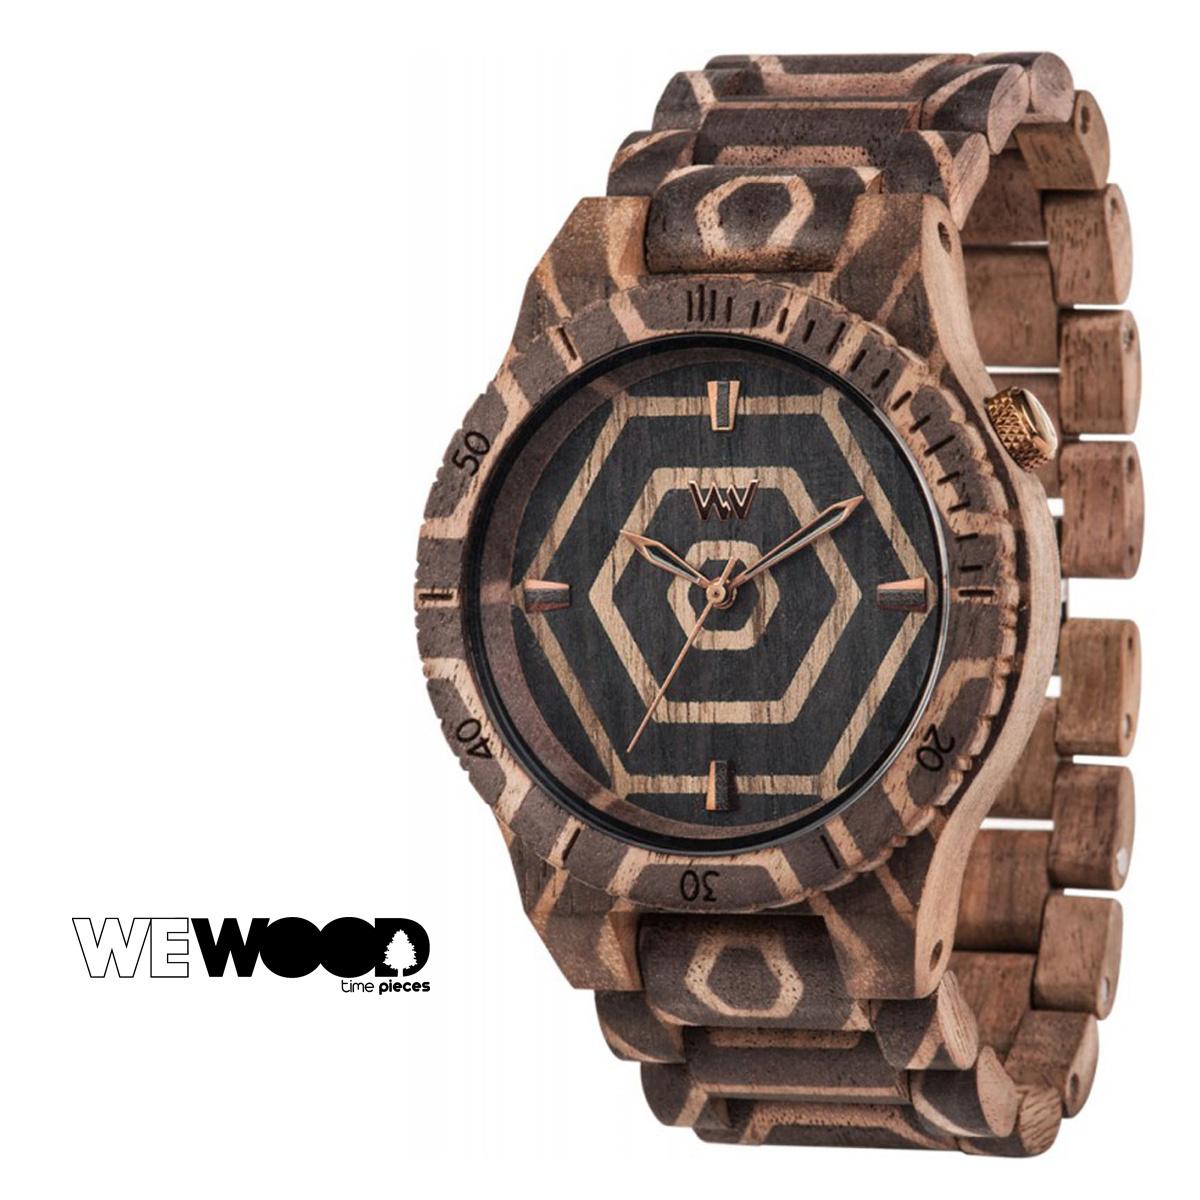 【最大2000円OFFクーポン】 WEWOOD 腕時計 レディース ウィーウッド ALPHA BEHIVE NUT メンズ